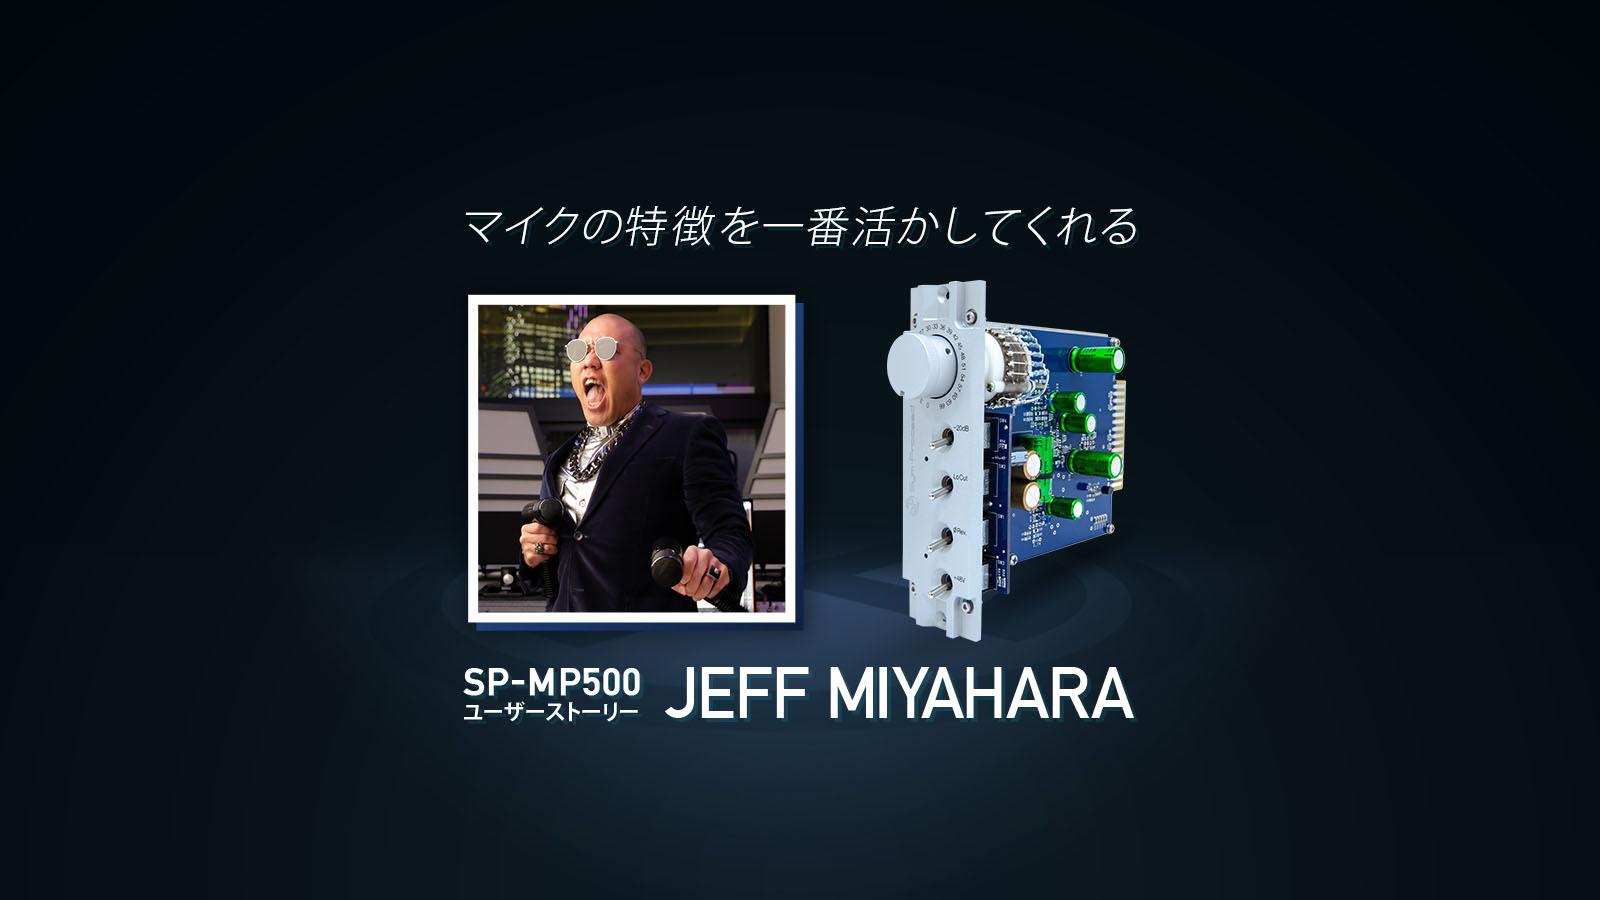 SP-MP500 ユーザーストーリー:JEFF MIYAHARA